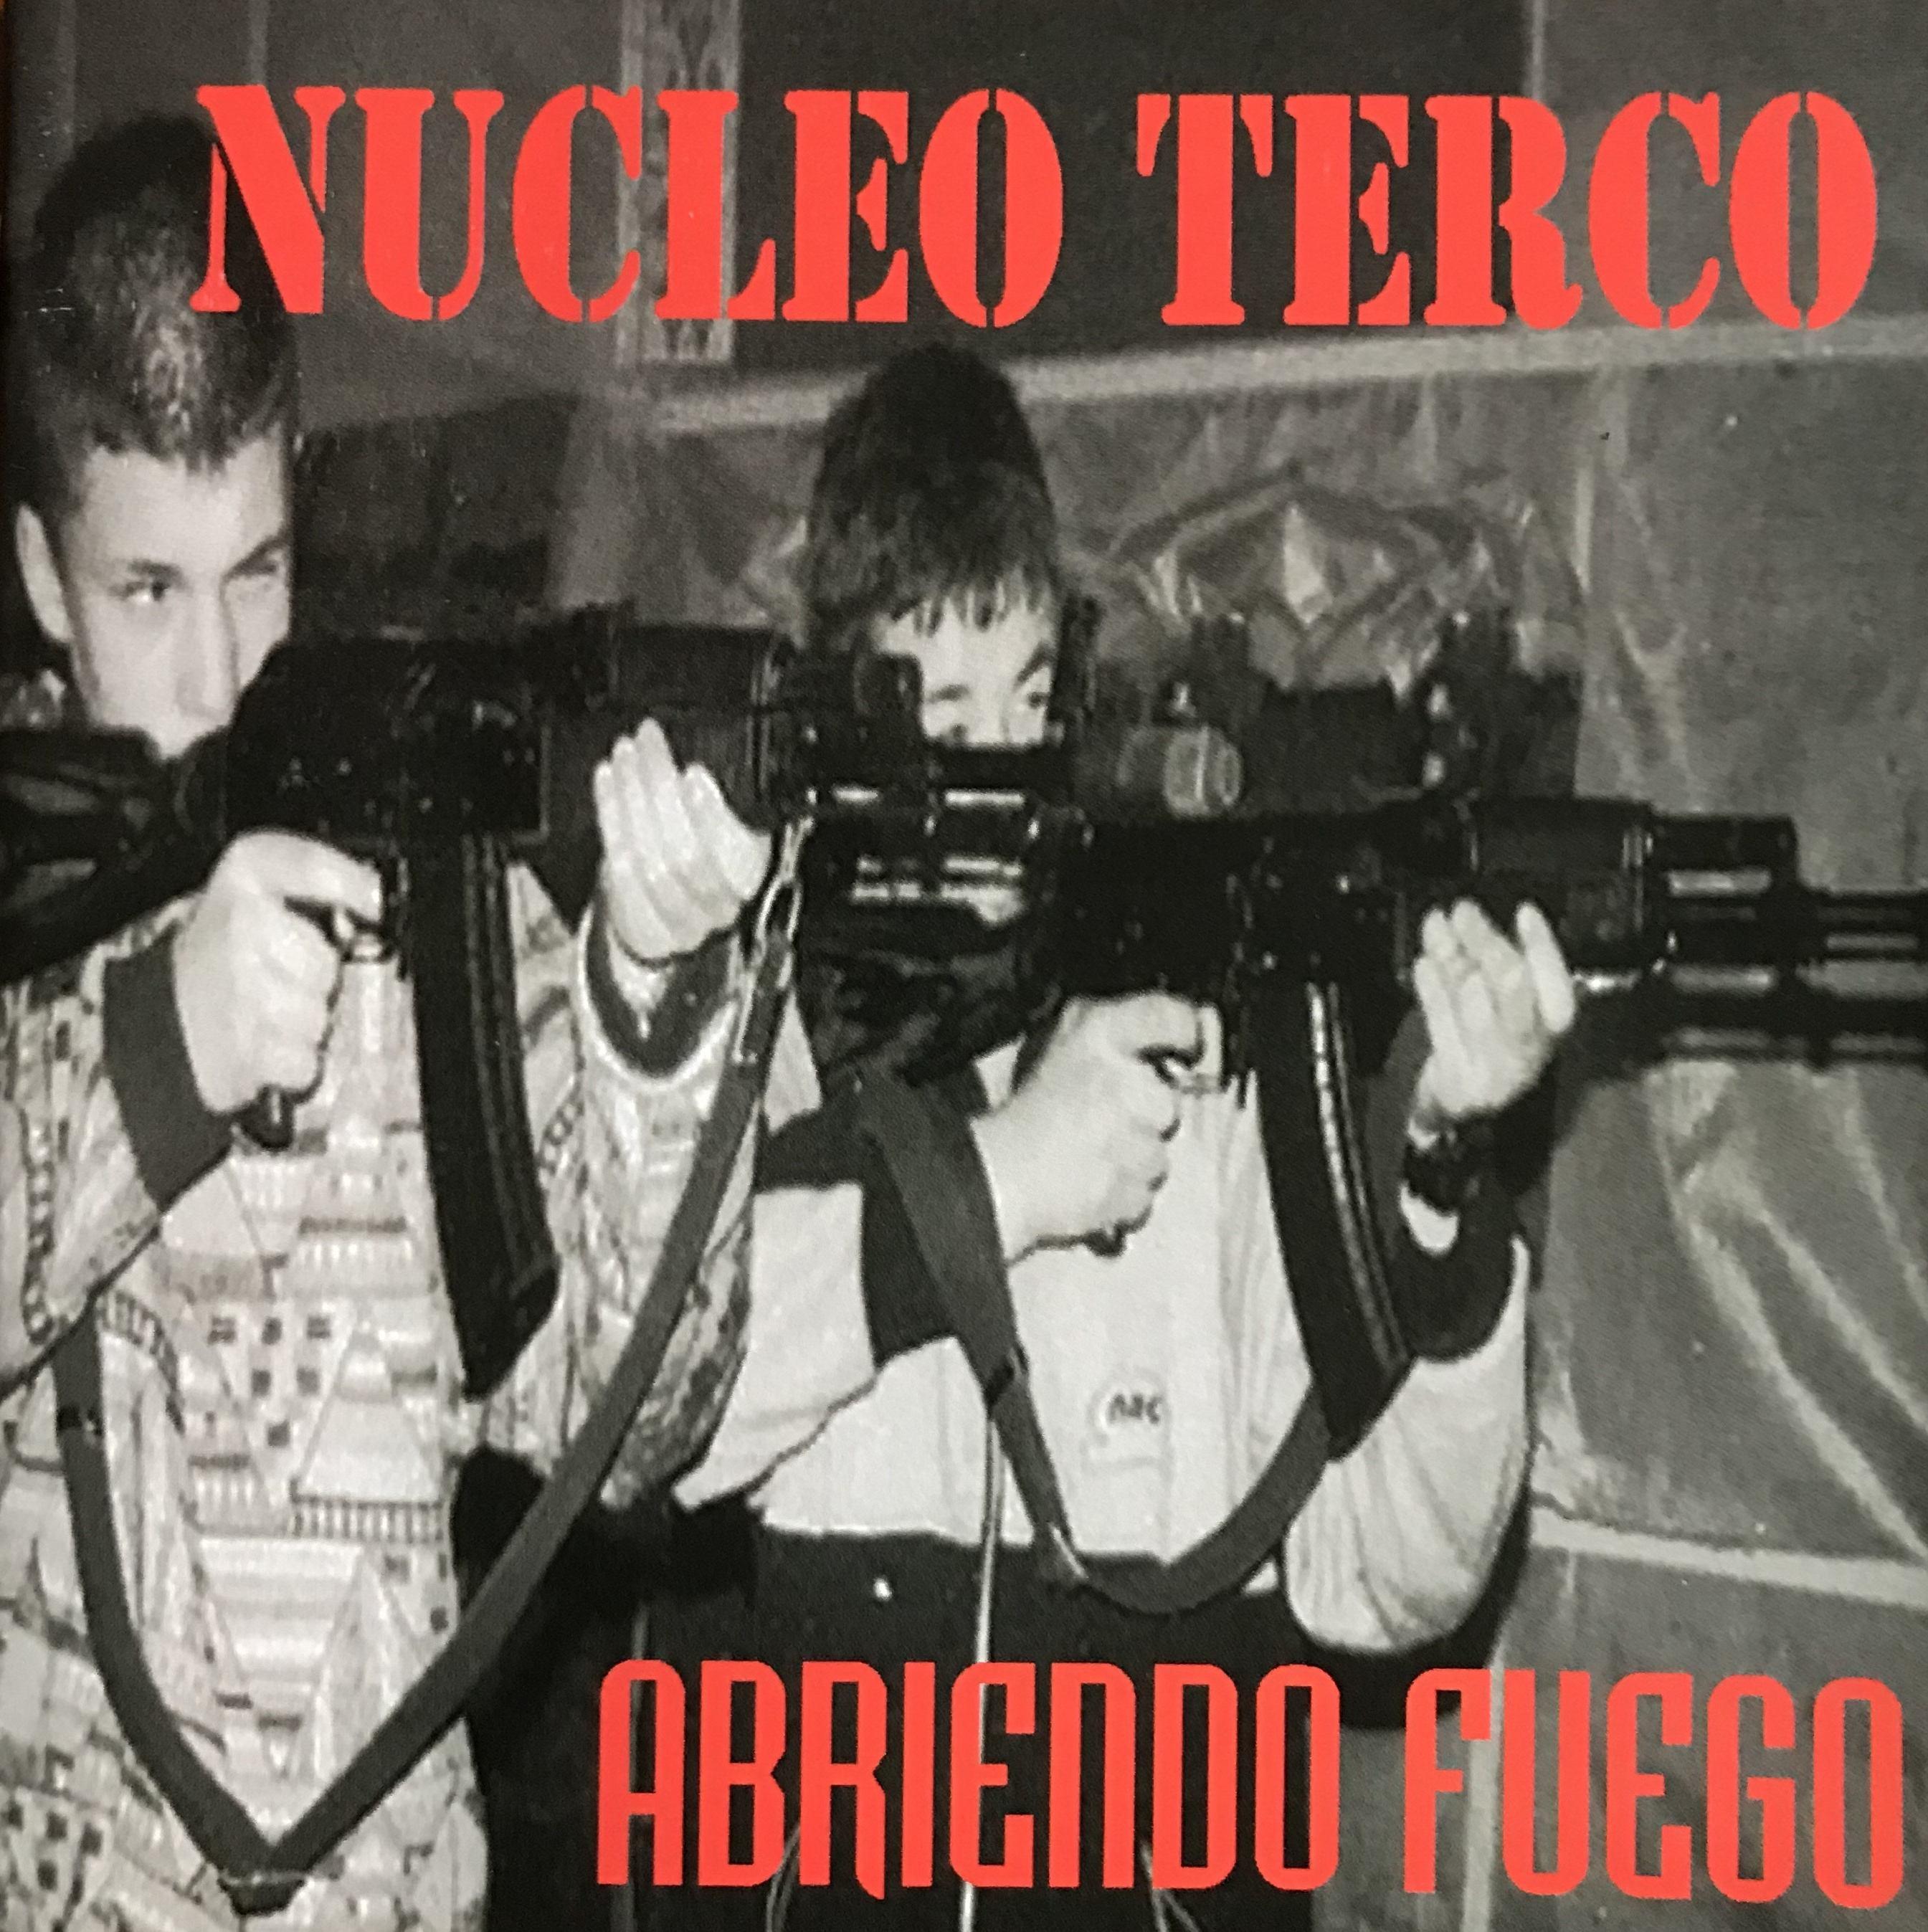 portada del album Abriendo Fuego